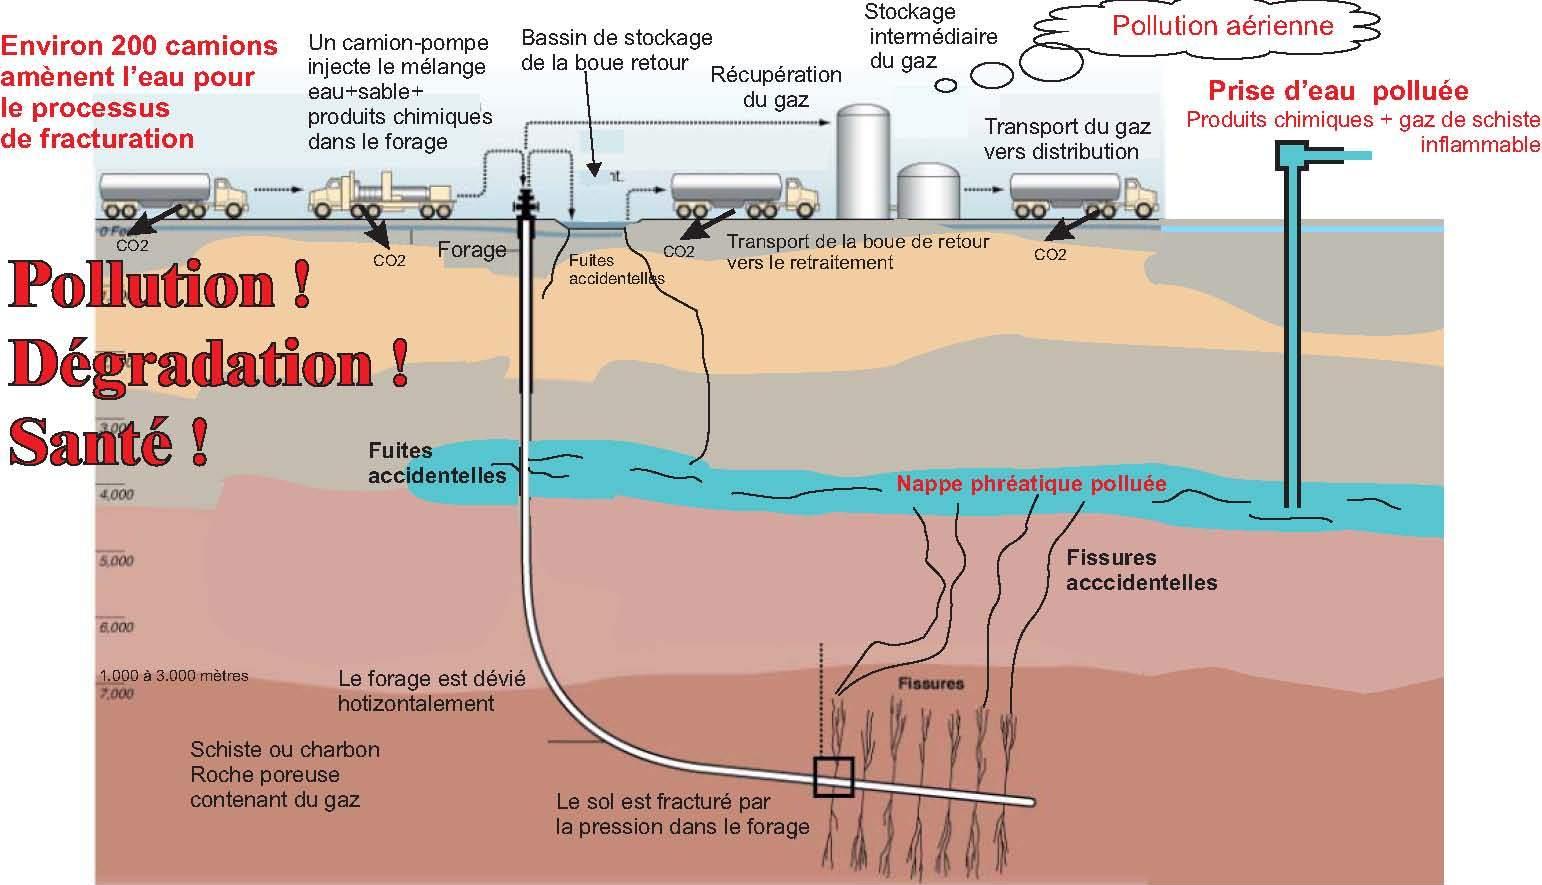 UNIVERSIT� DE BOUMERD�S - Les �tudiants d�battent sereinement du gaz de schiste